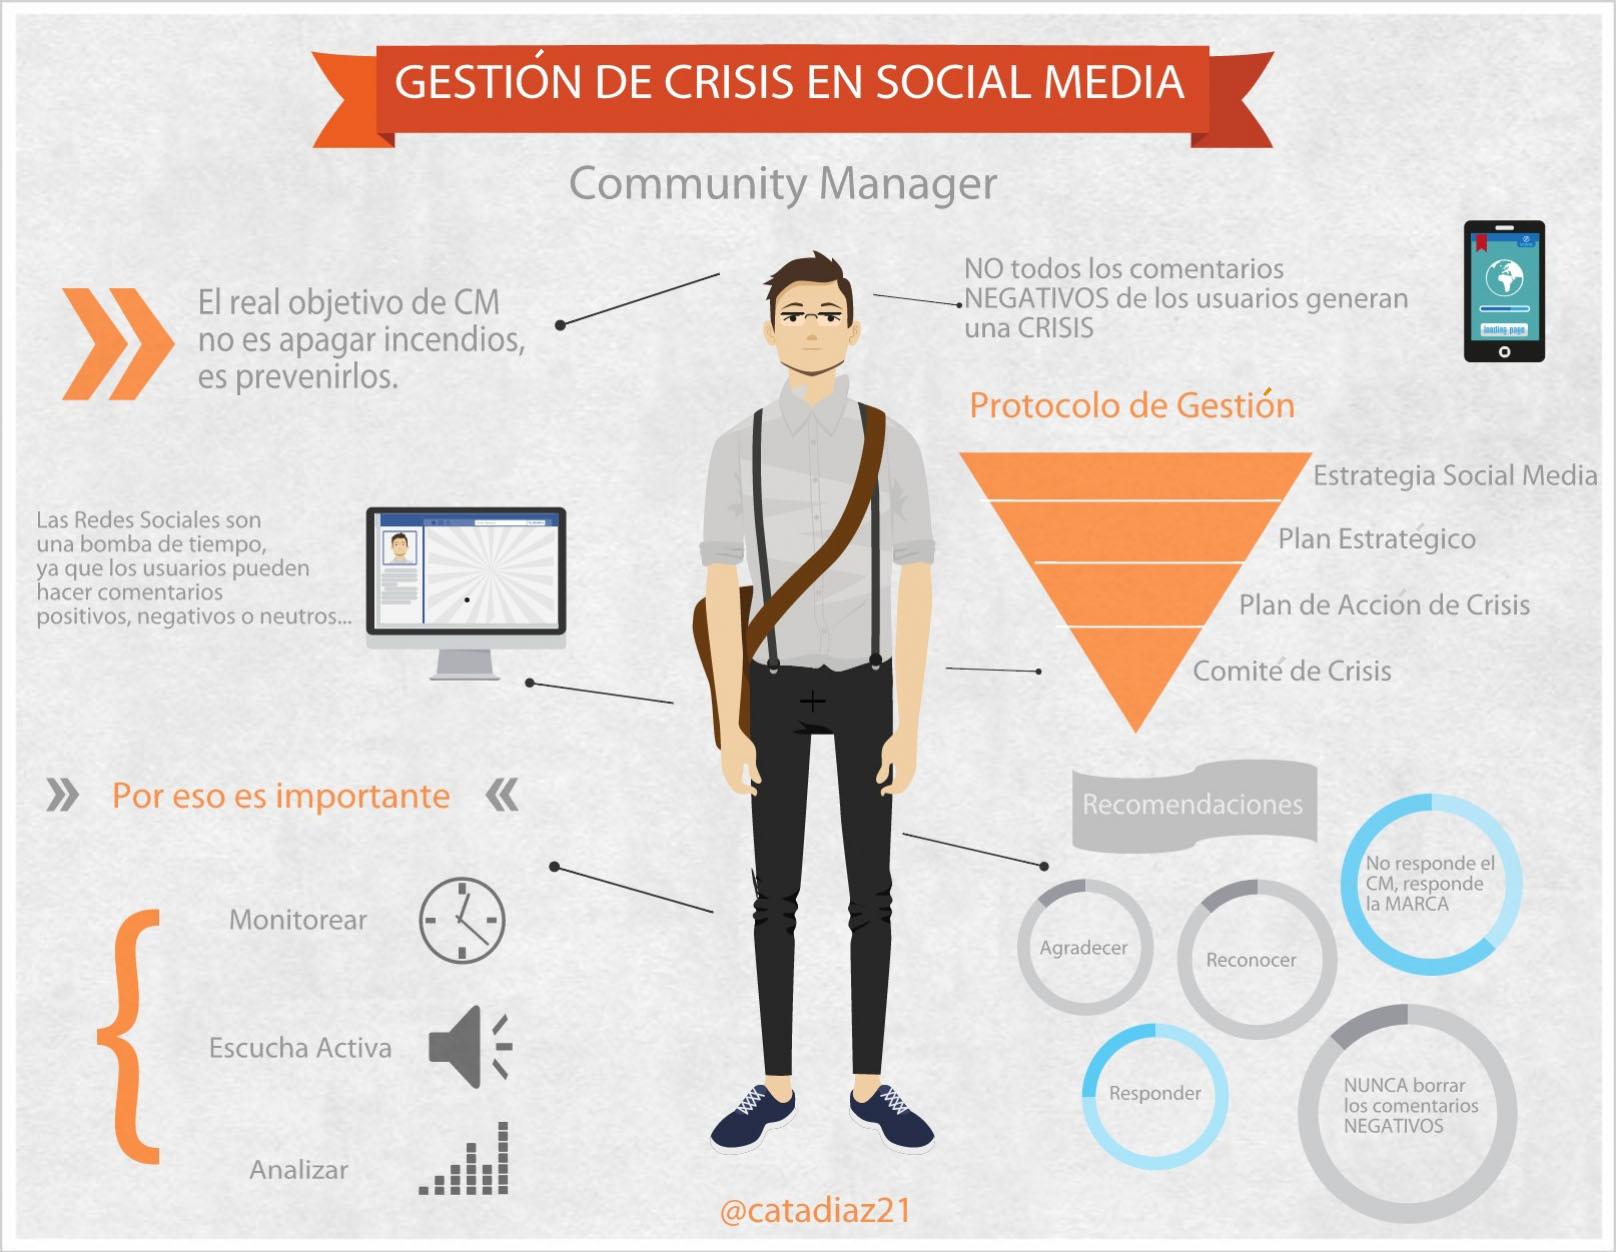 Gestión de crisis en social media